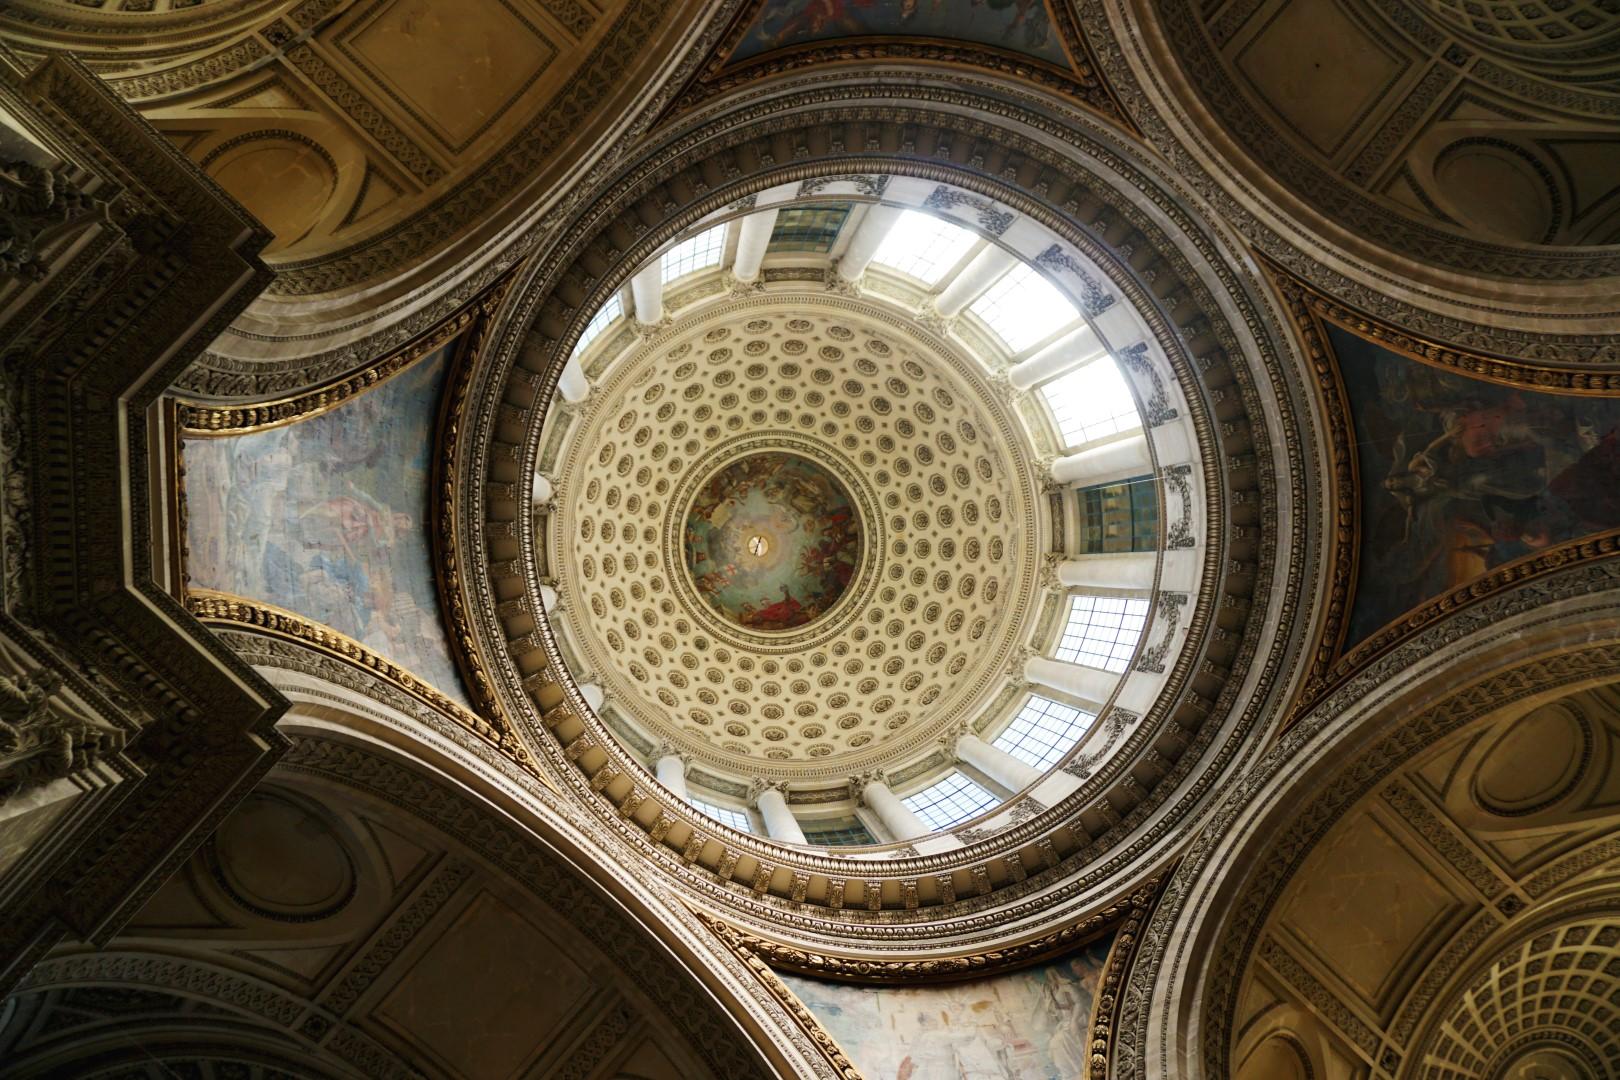 Vue de Paris - Depuis les colonnades du Panthéon, Paris 5e - La coupole